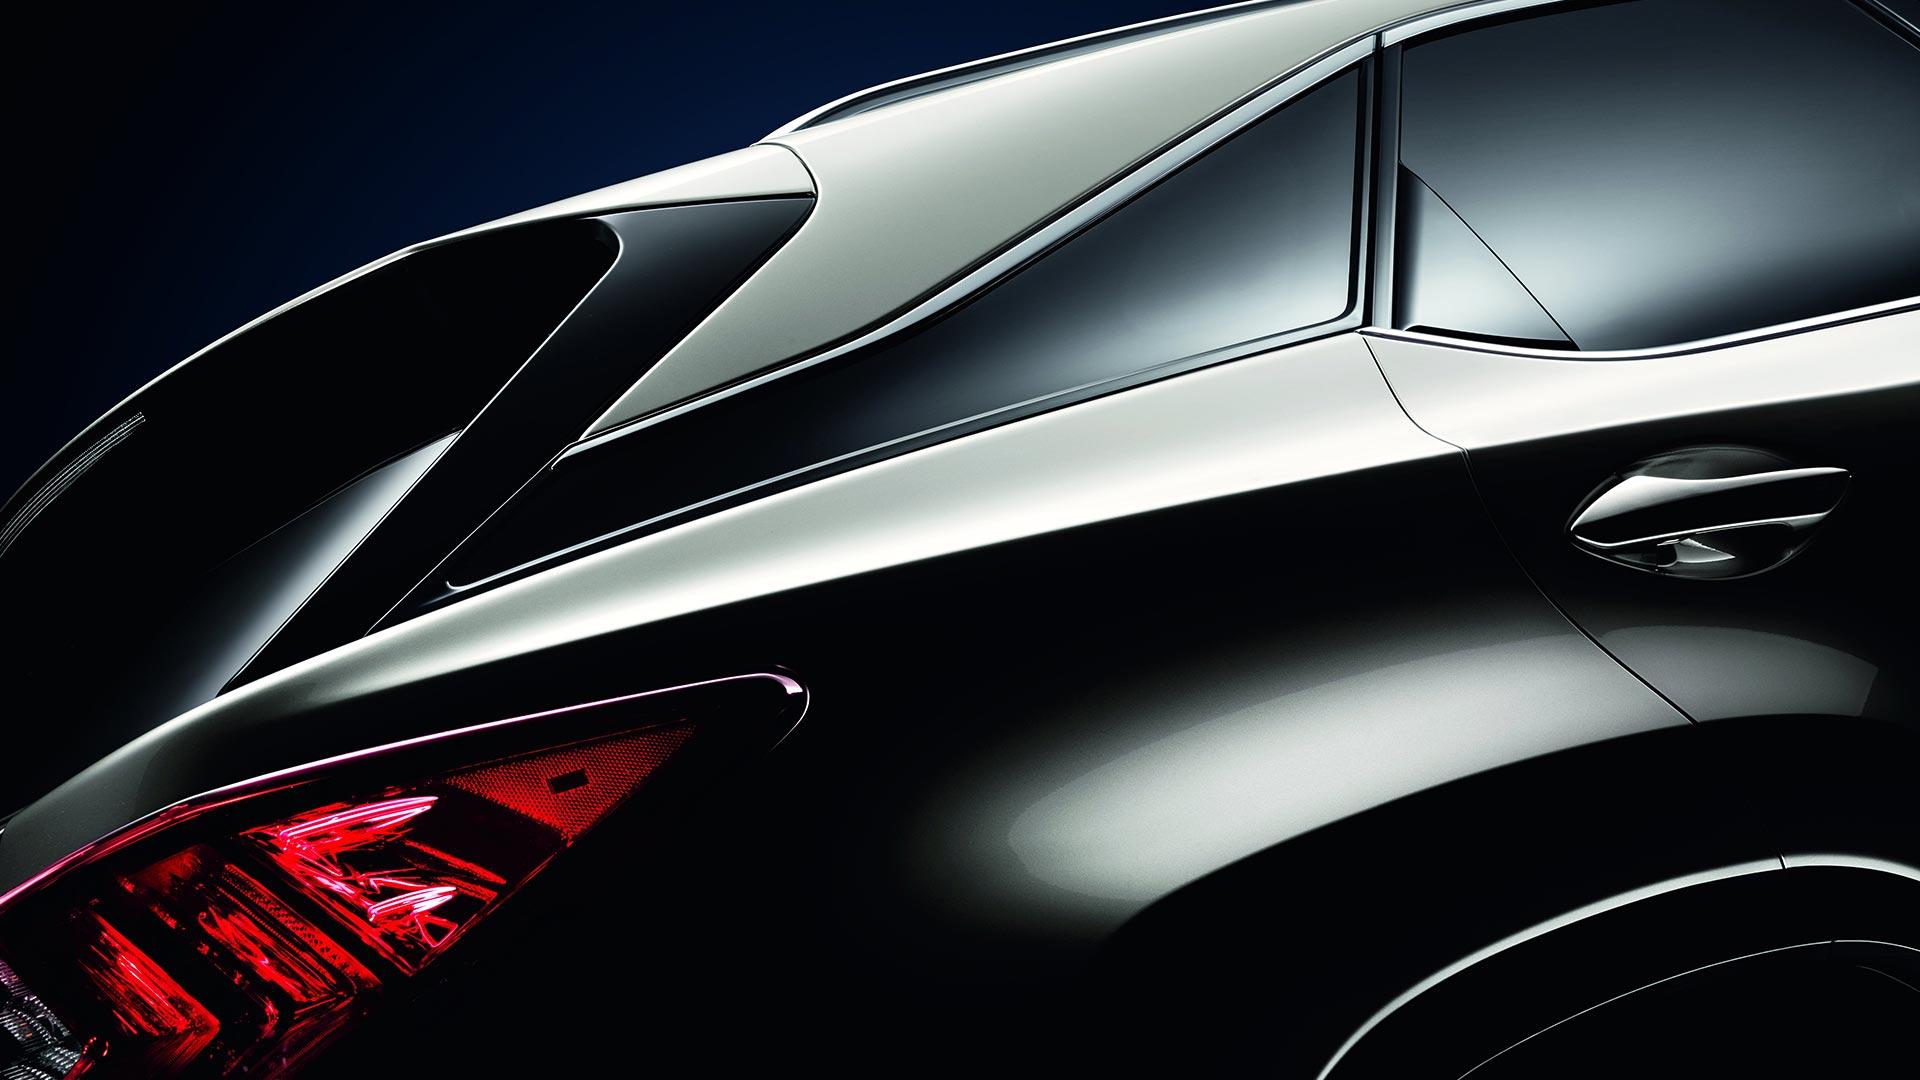 Затемненные задние стойки которые создают эффект парящей крыши и задние фонари кроссовера Lexus RX